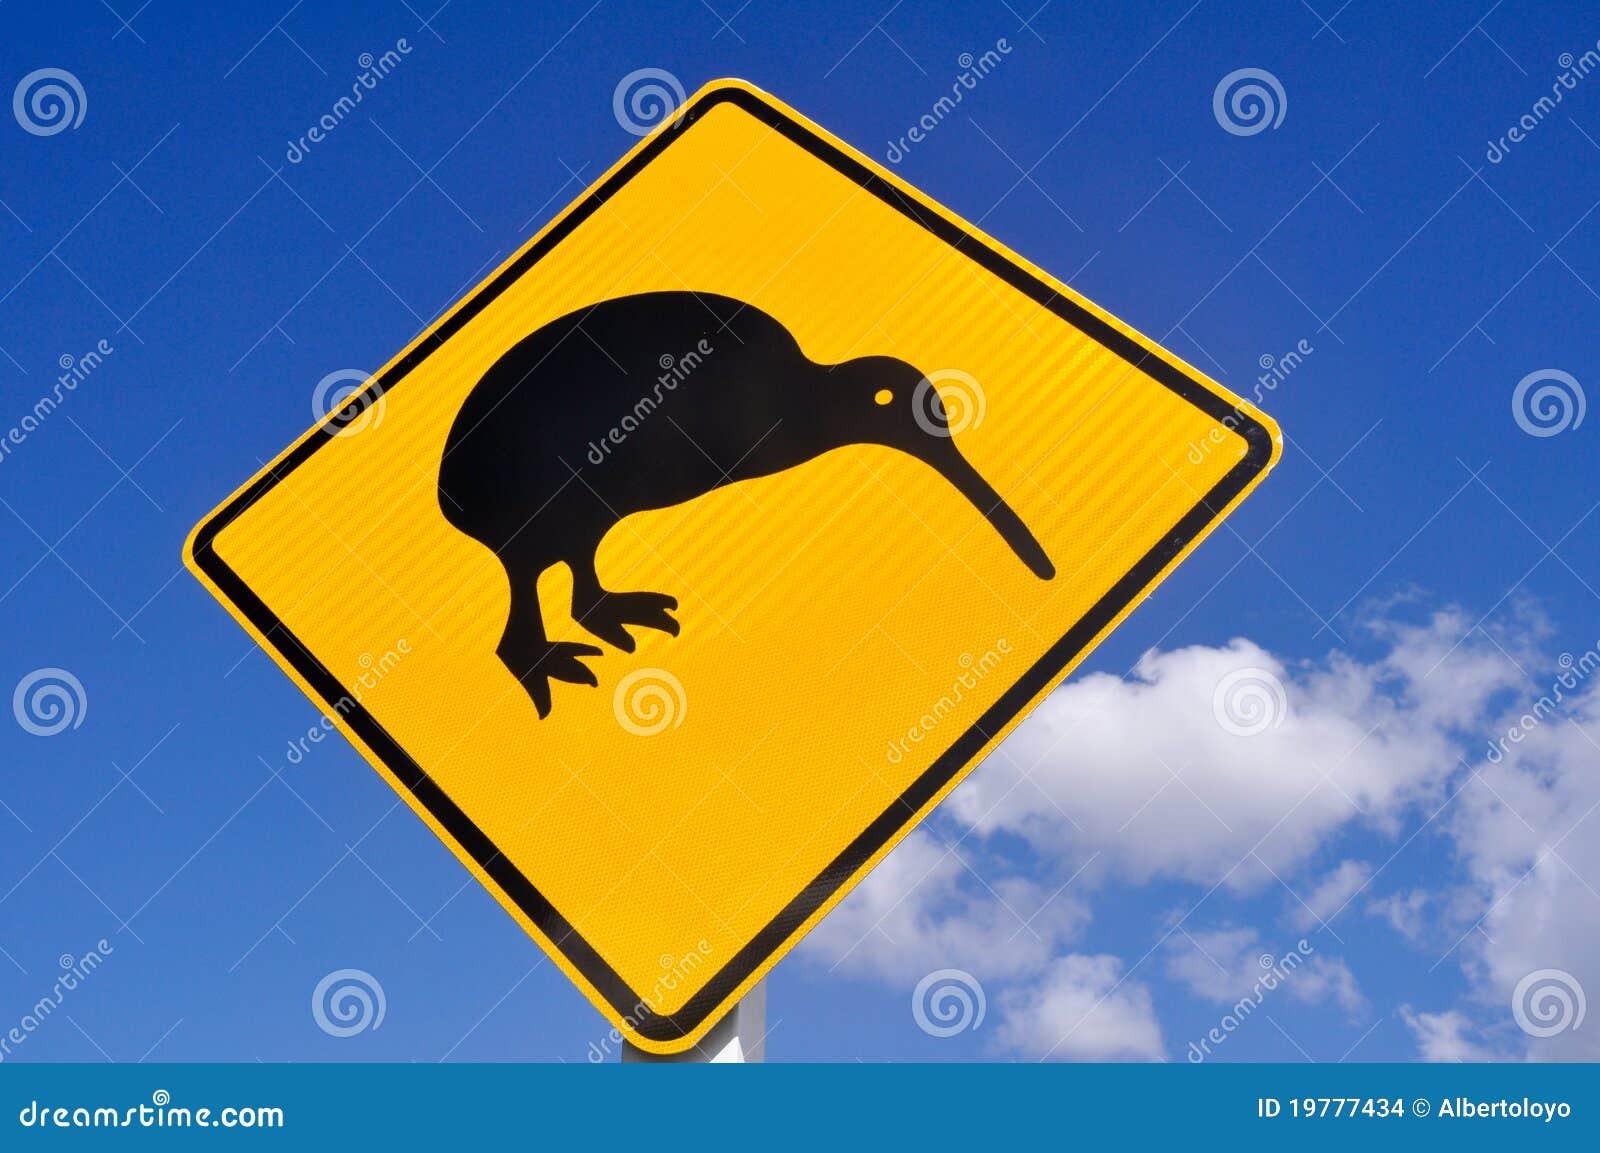 Kiwi on the road